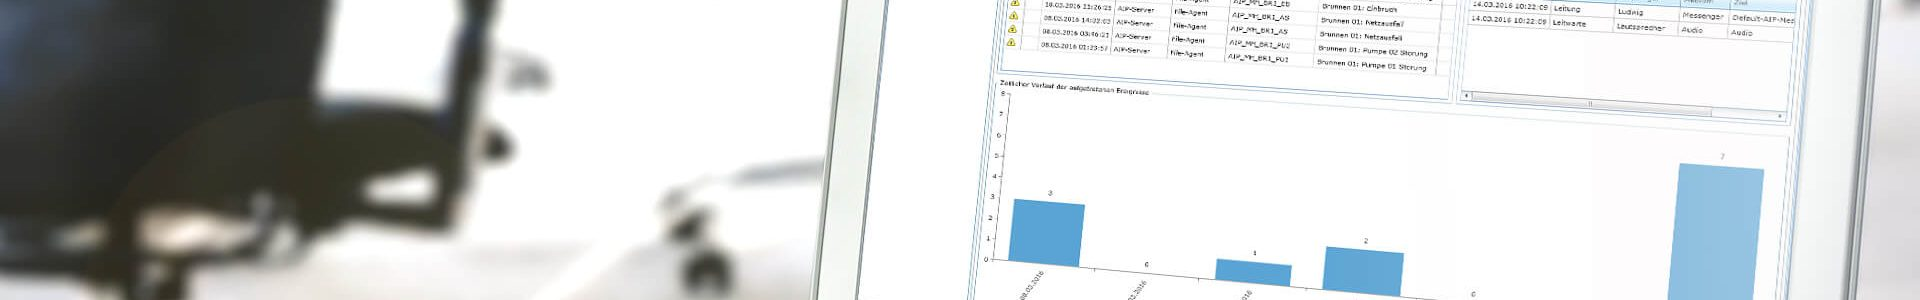 videc-produkte-aip-plx-1920x1200